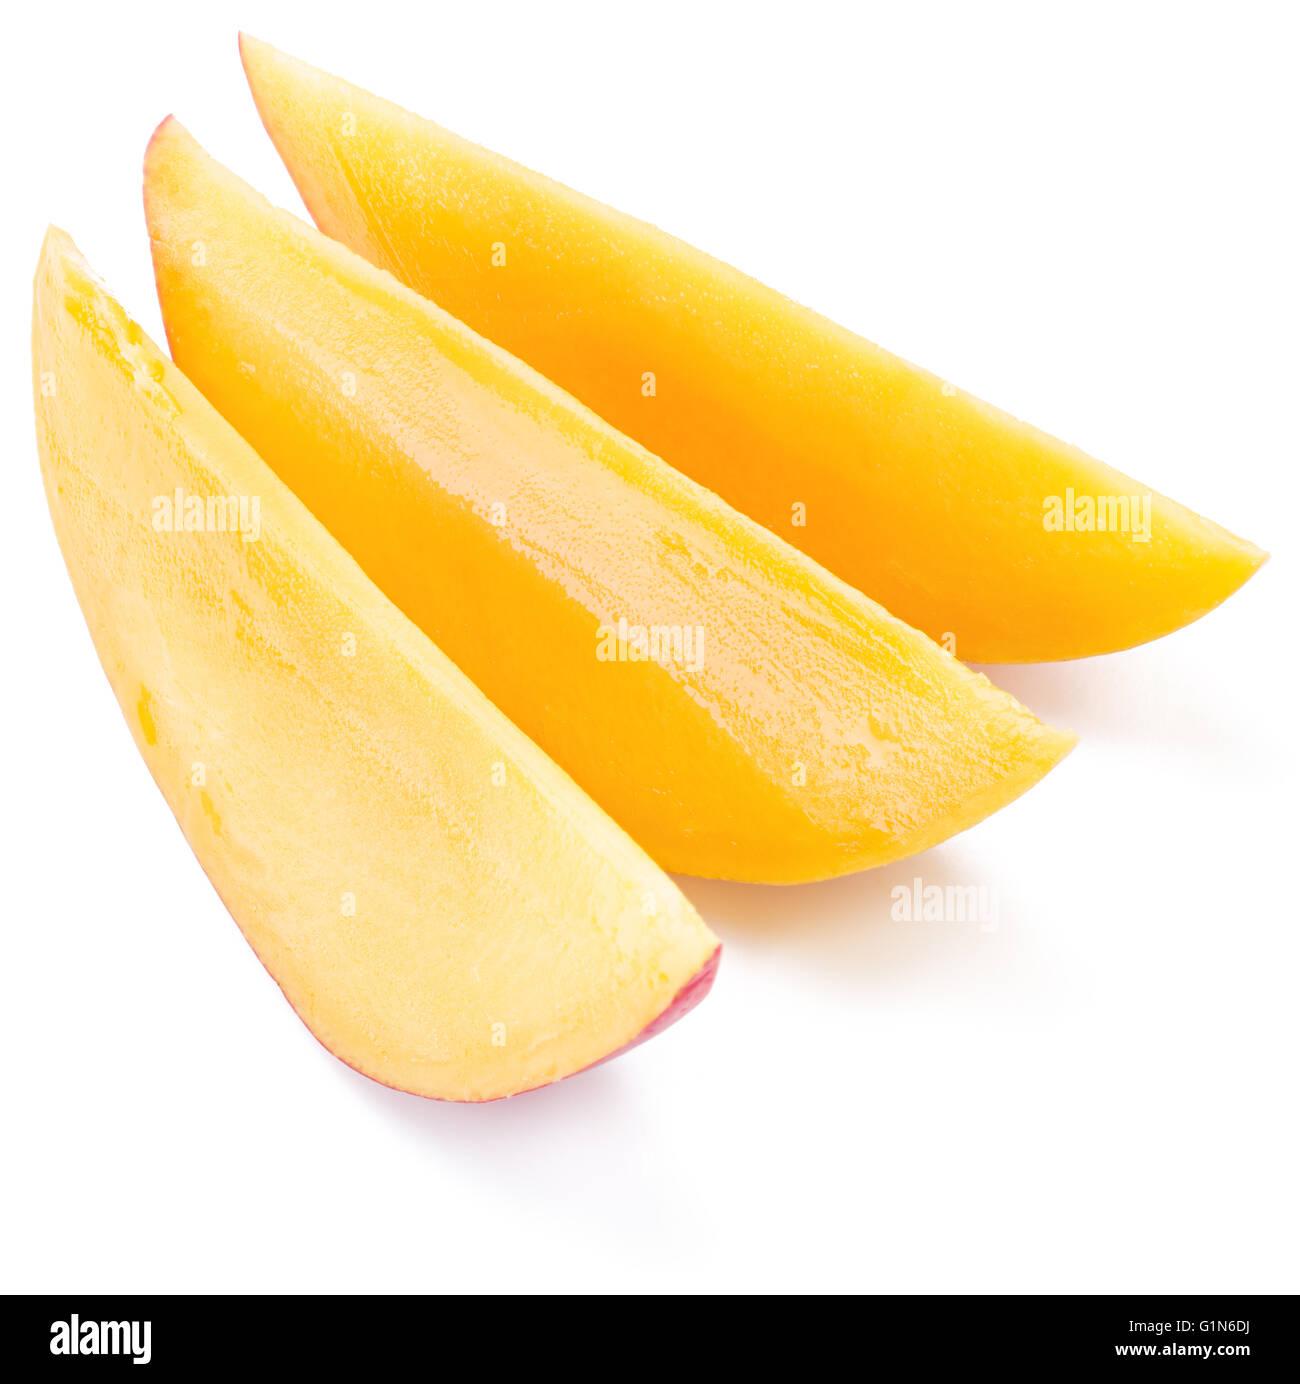 Mango slices. Isolated on a white background. - Stock Image